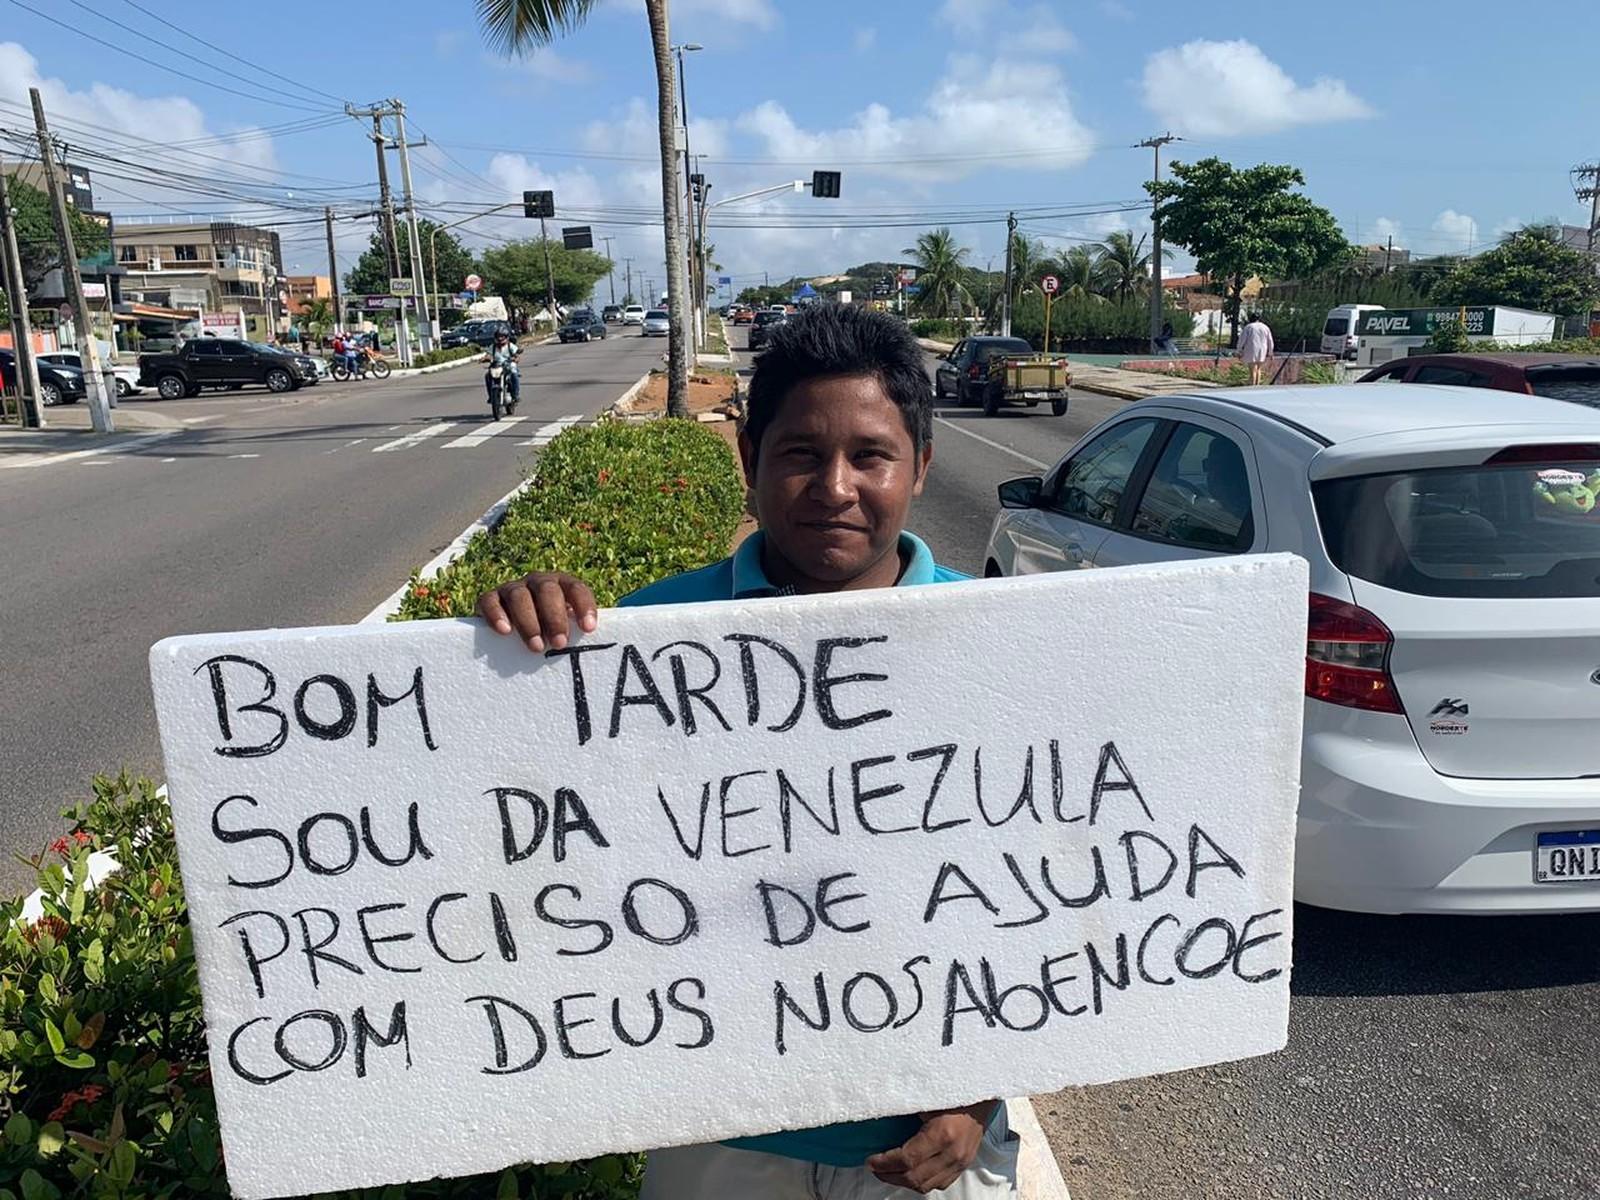 FOTOS E VÍDEO: Venezuelanos refugiados pedem dinheiro nas ruas de Natal, destaca reportagem